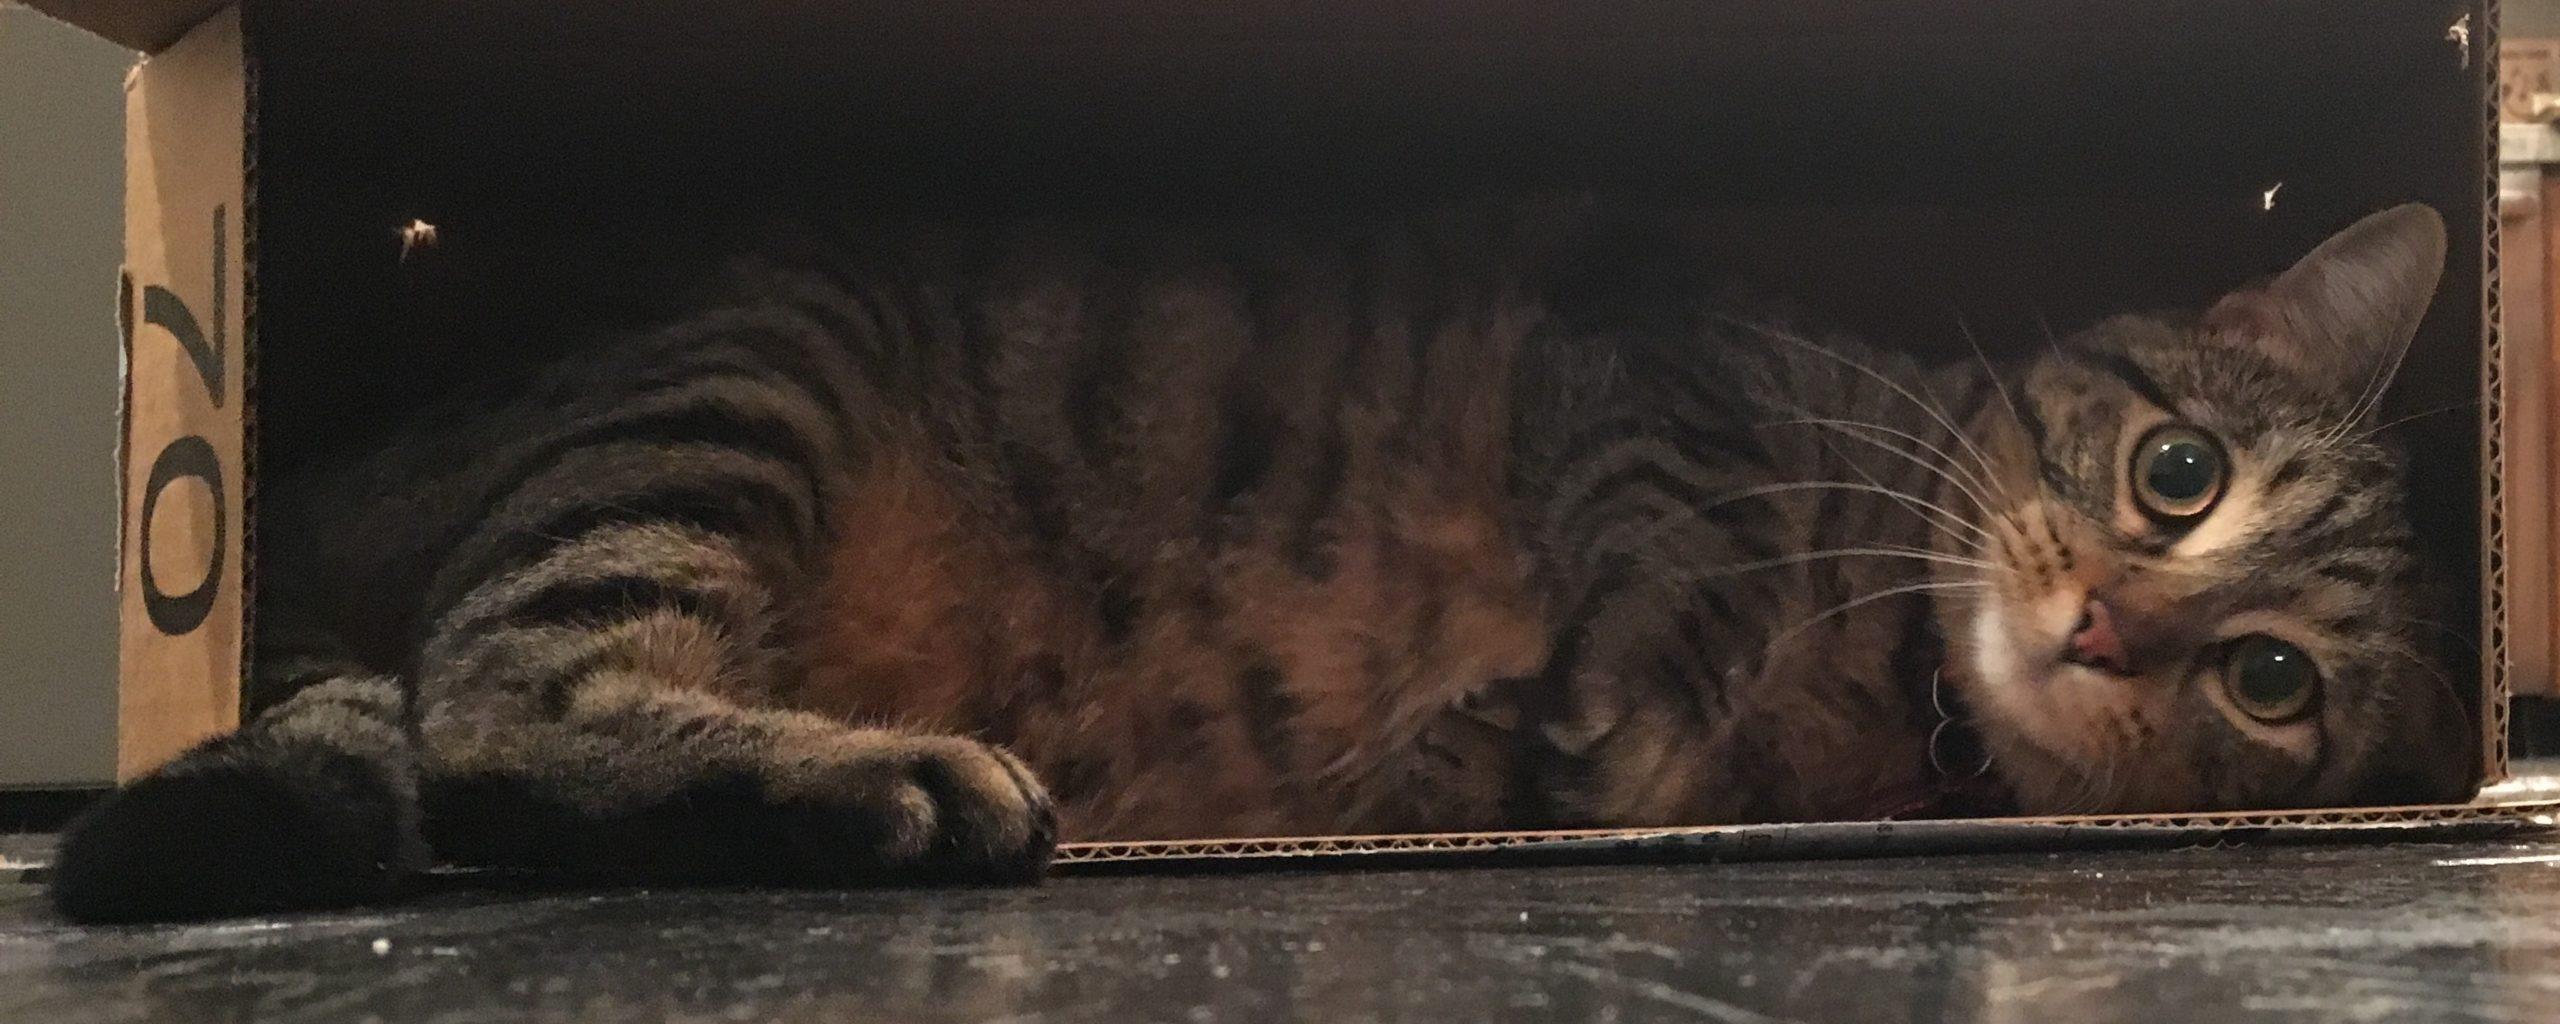 Mon chat Gigi qui aime les boites et les cartons